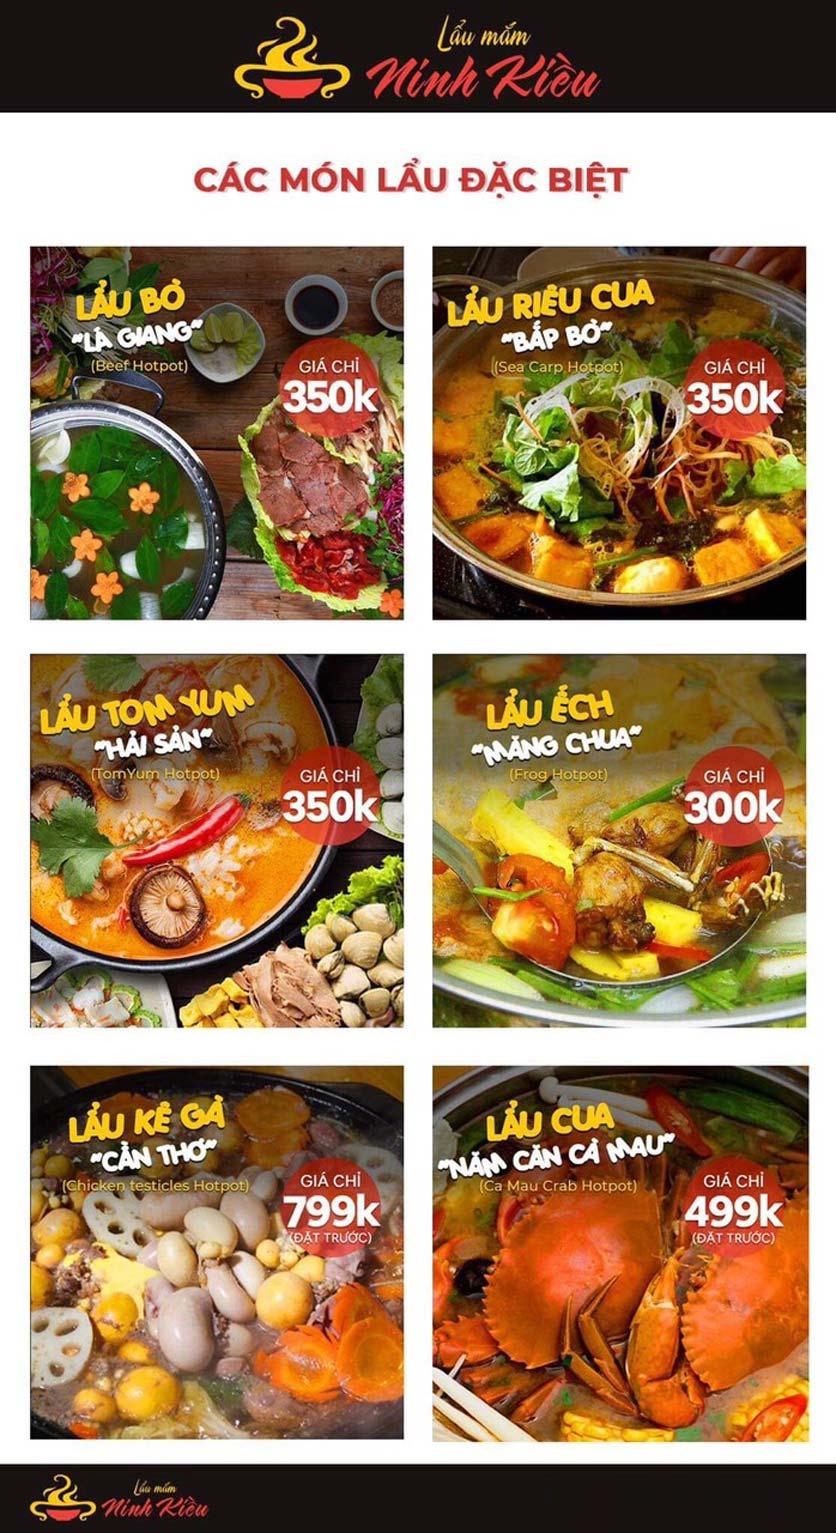 Menu Lẩu Mắm Ninh Kiều - Hàng Bún 10